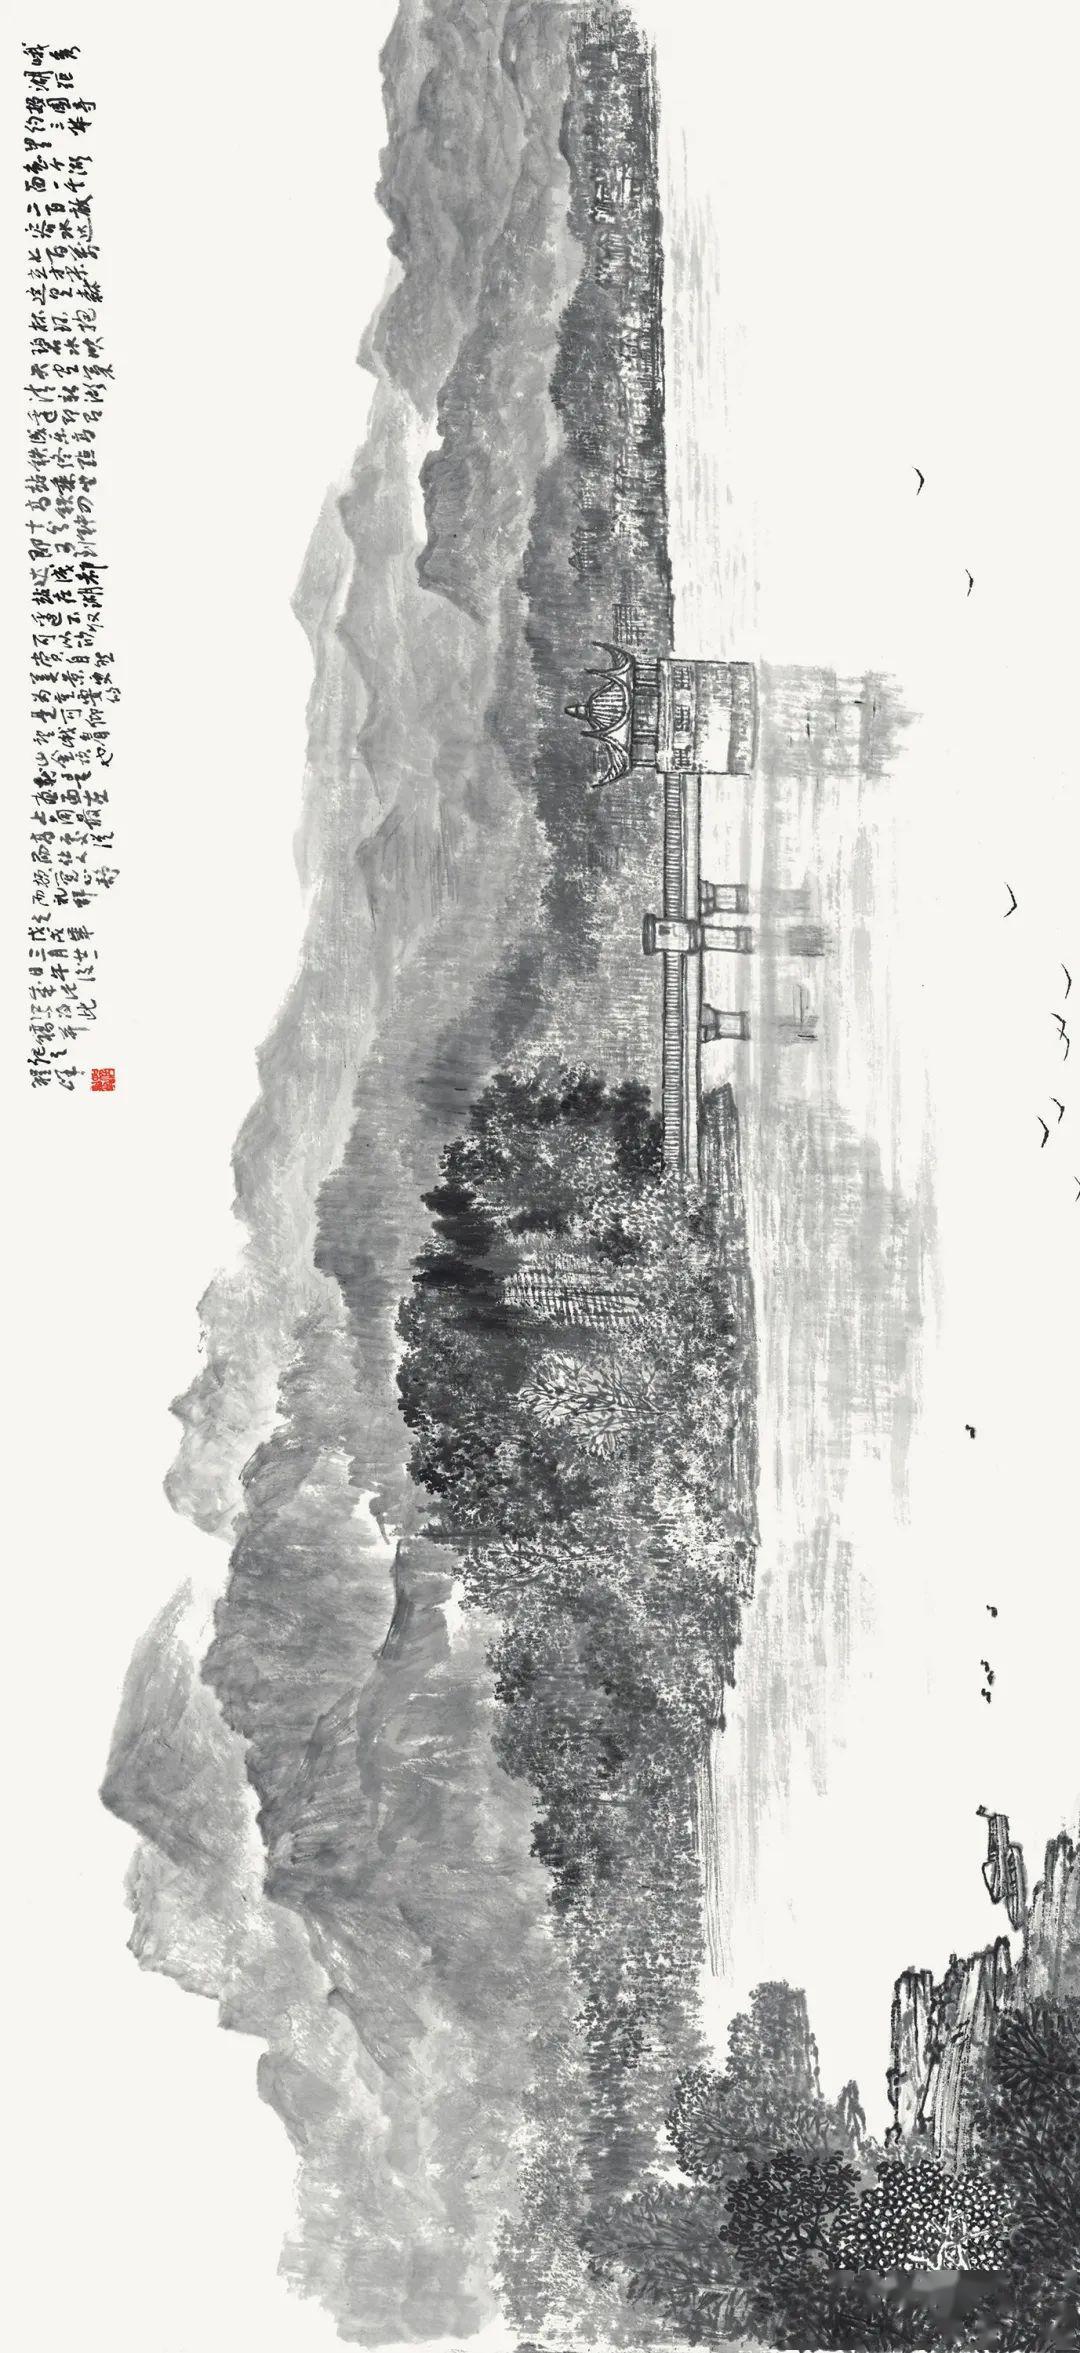 水韵墨律峨眉山—程峰写生画集隆重出版(作品赏析一)